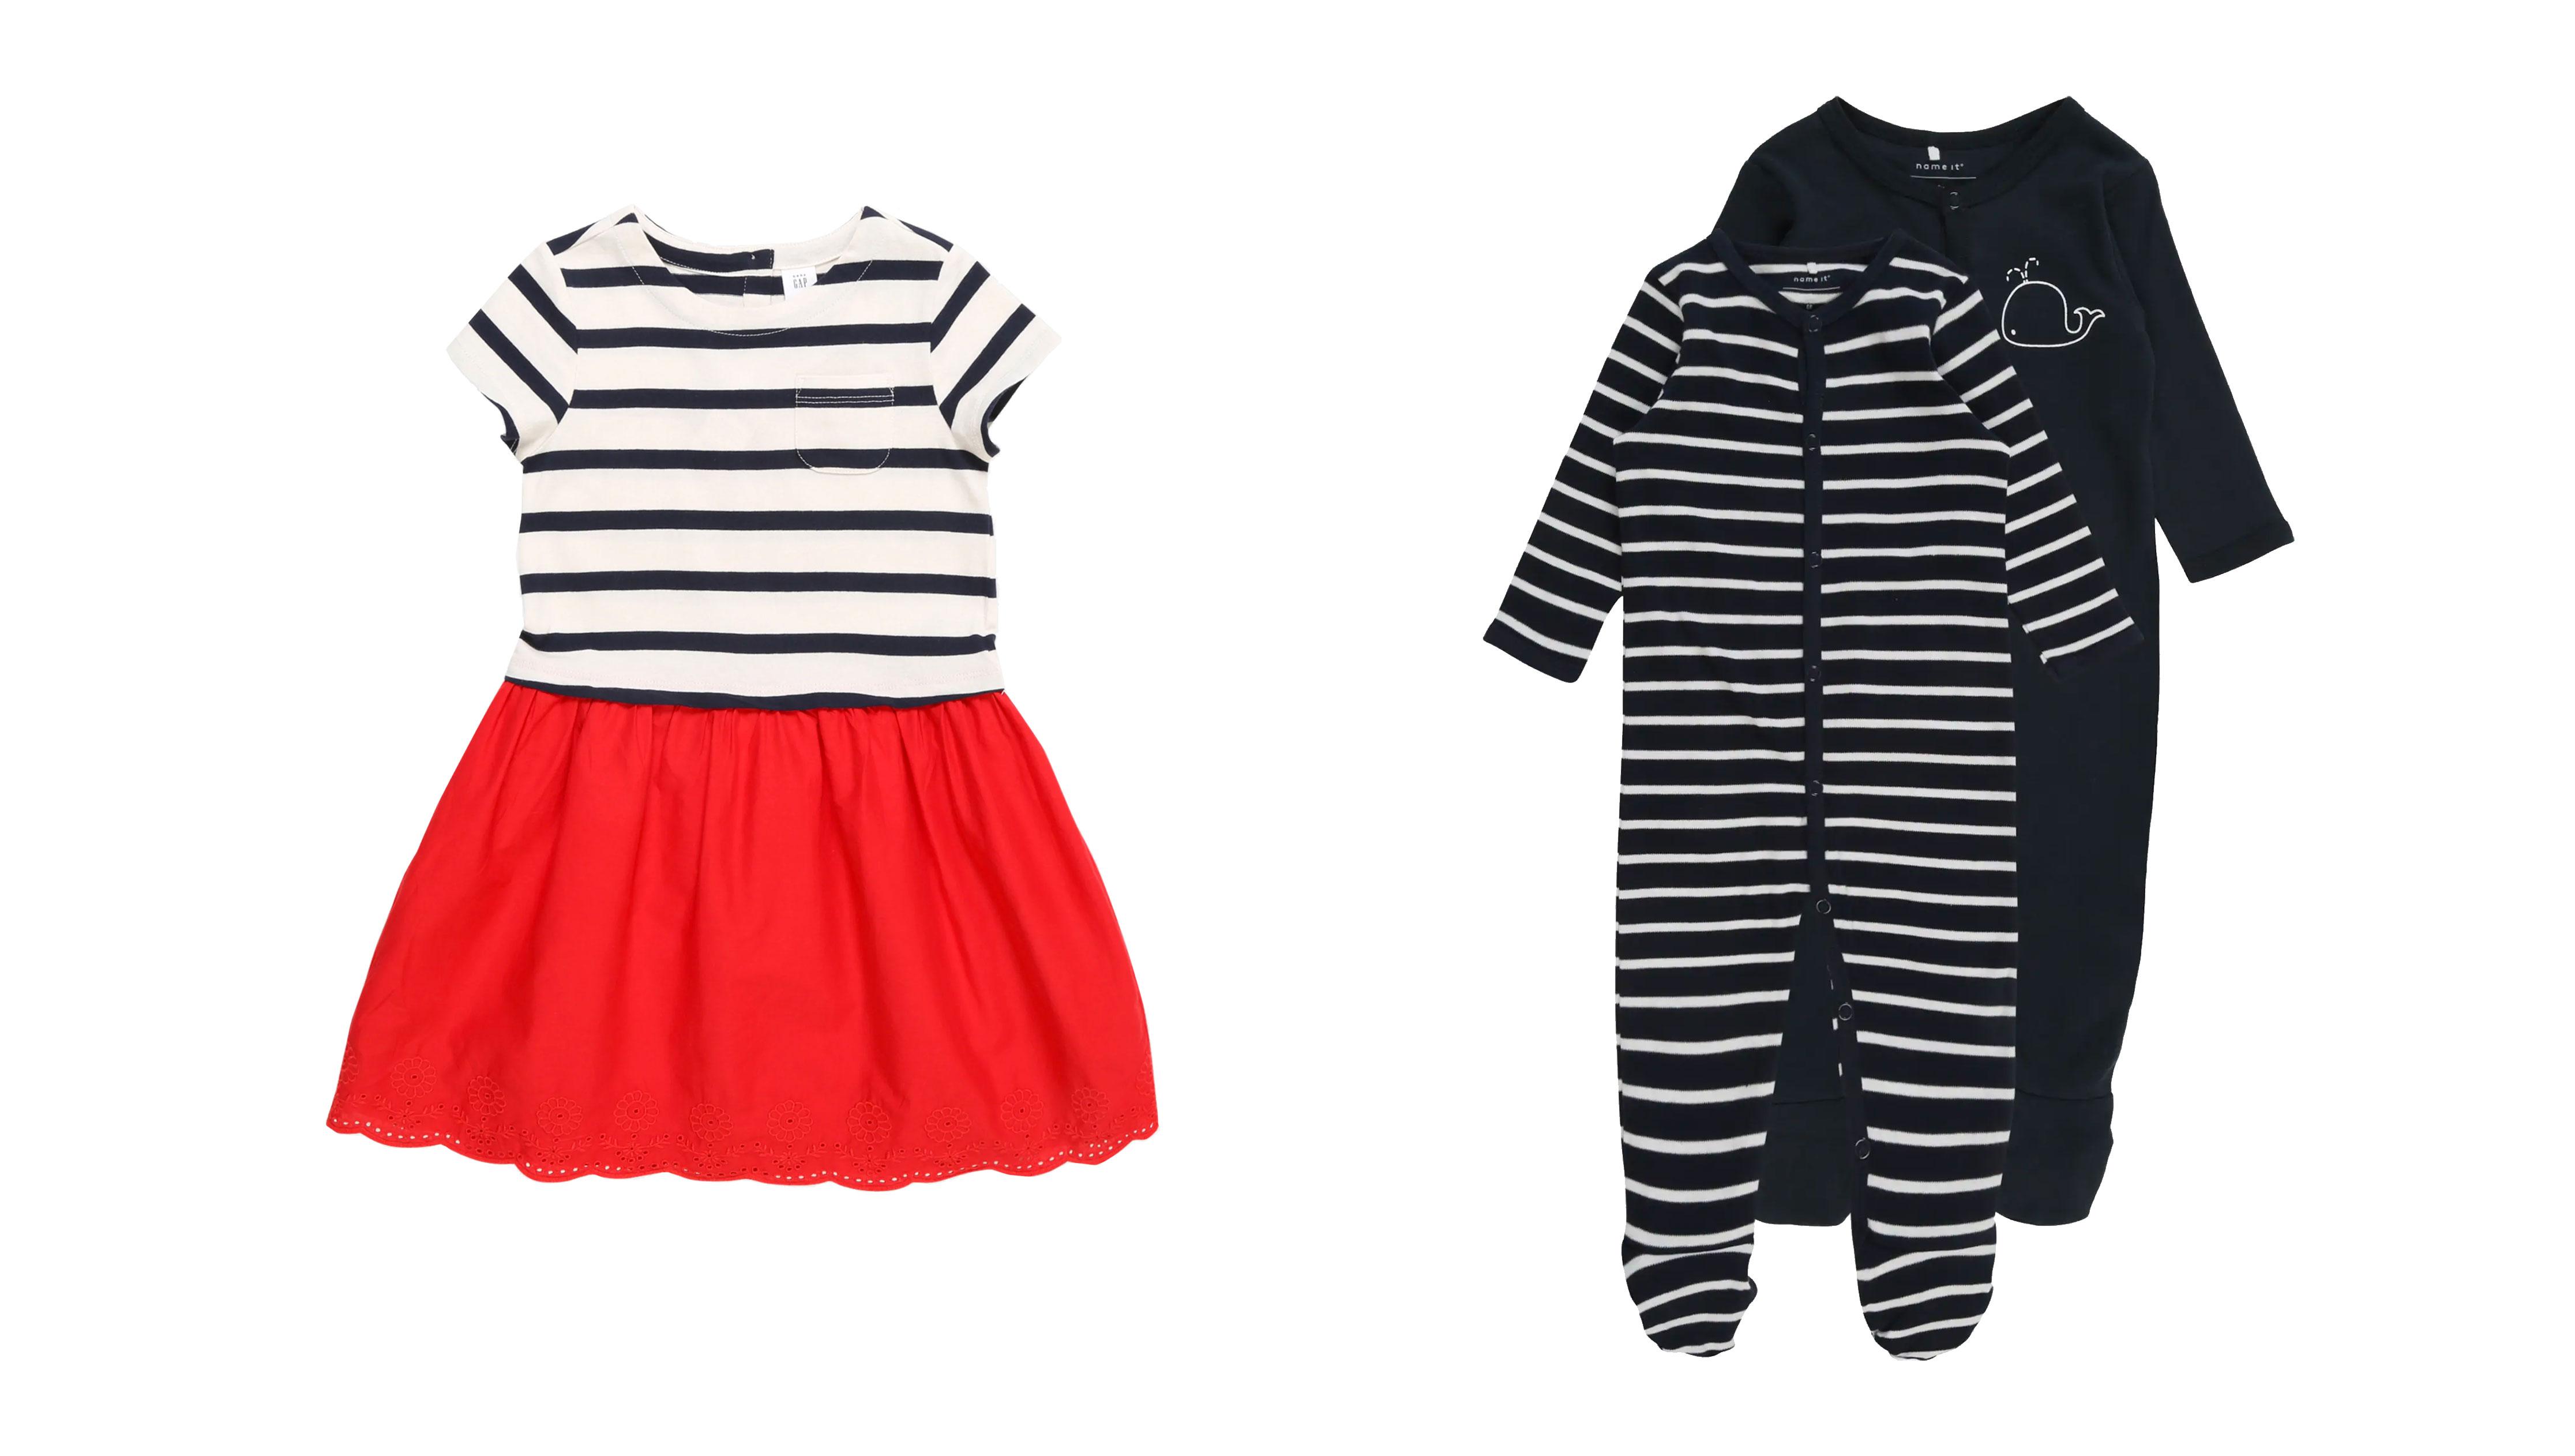 c2fe74b5018 Móda pro děti aneb Nejkrásnější oblečení, které využijí kamkoli